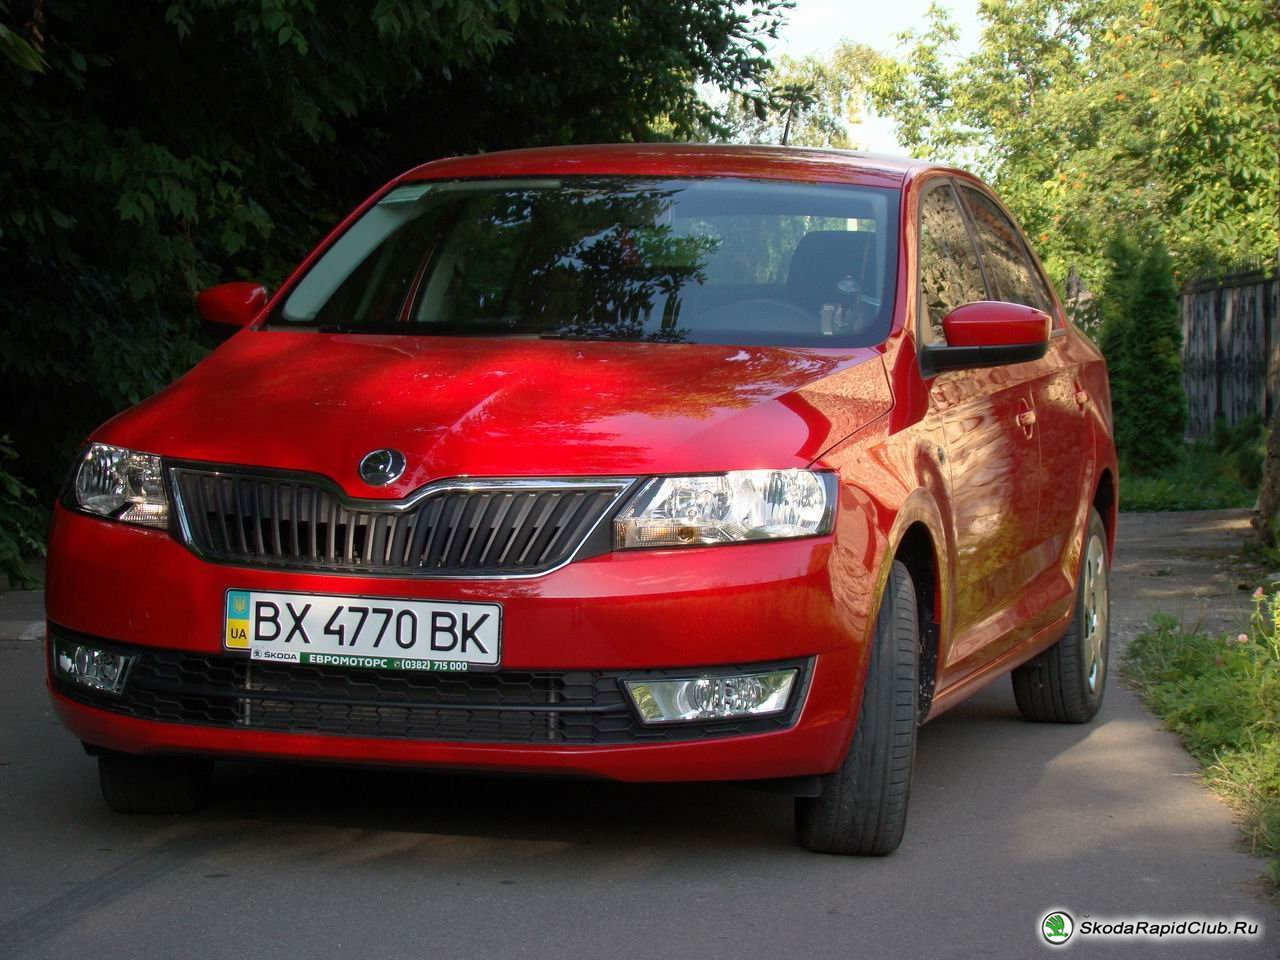 Отзыв владельца красного Skoda Rapid 1,6 MPi